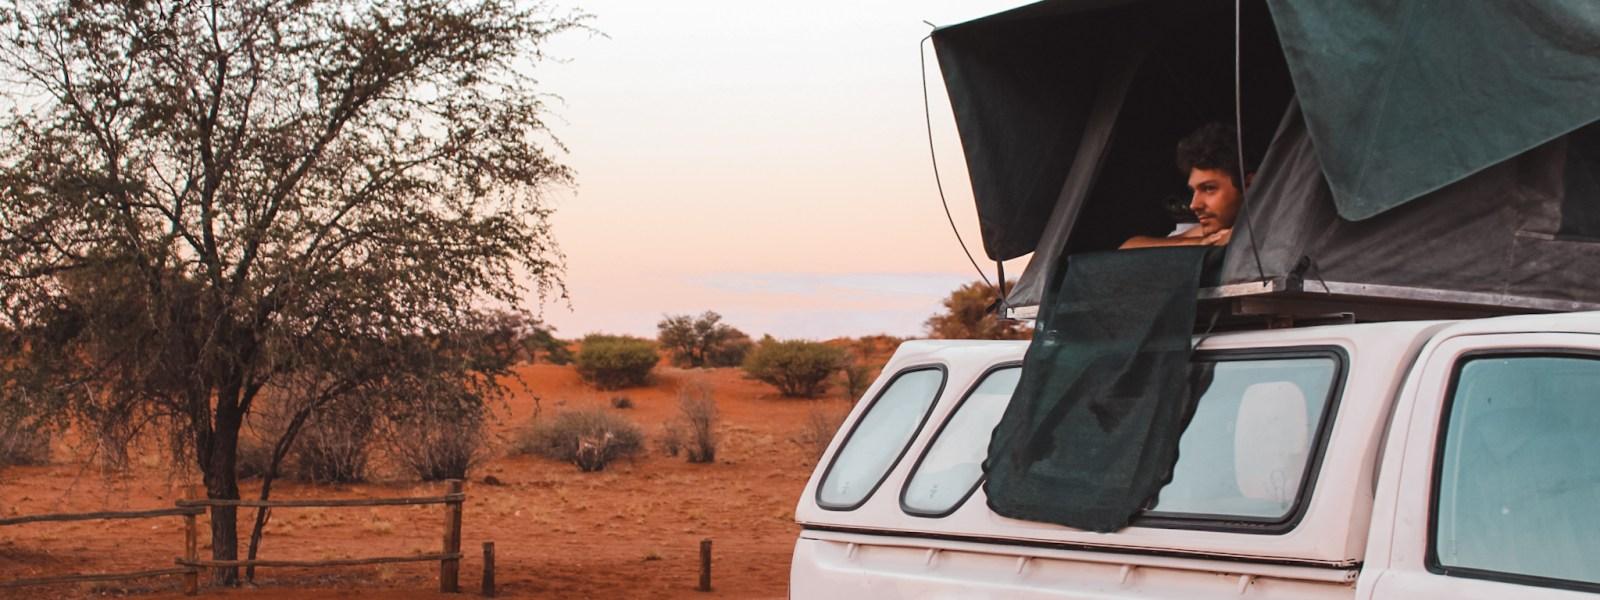 Kamperen in Afrika: de 8 beste kampeerbestemmingen